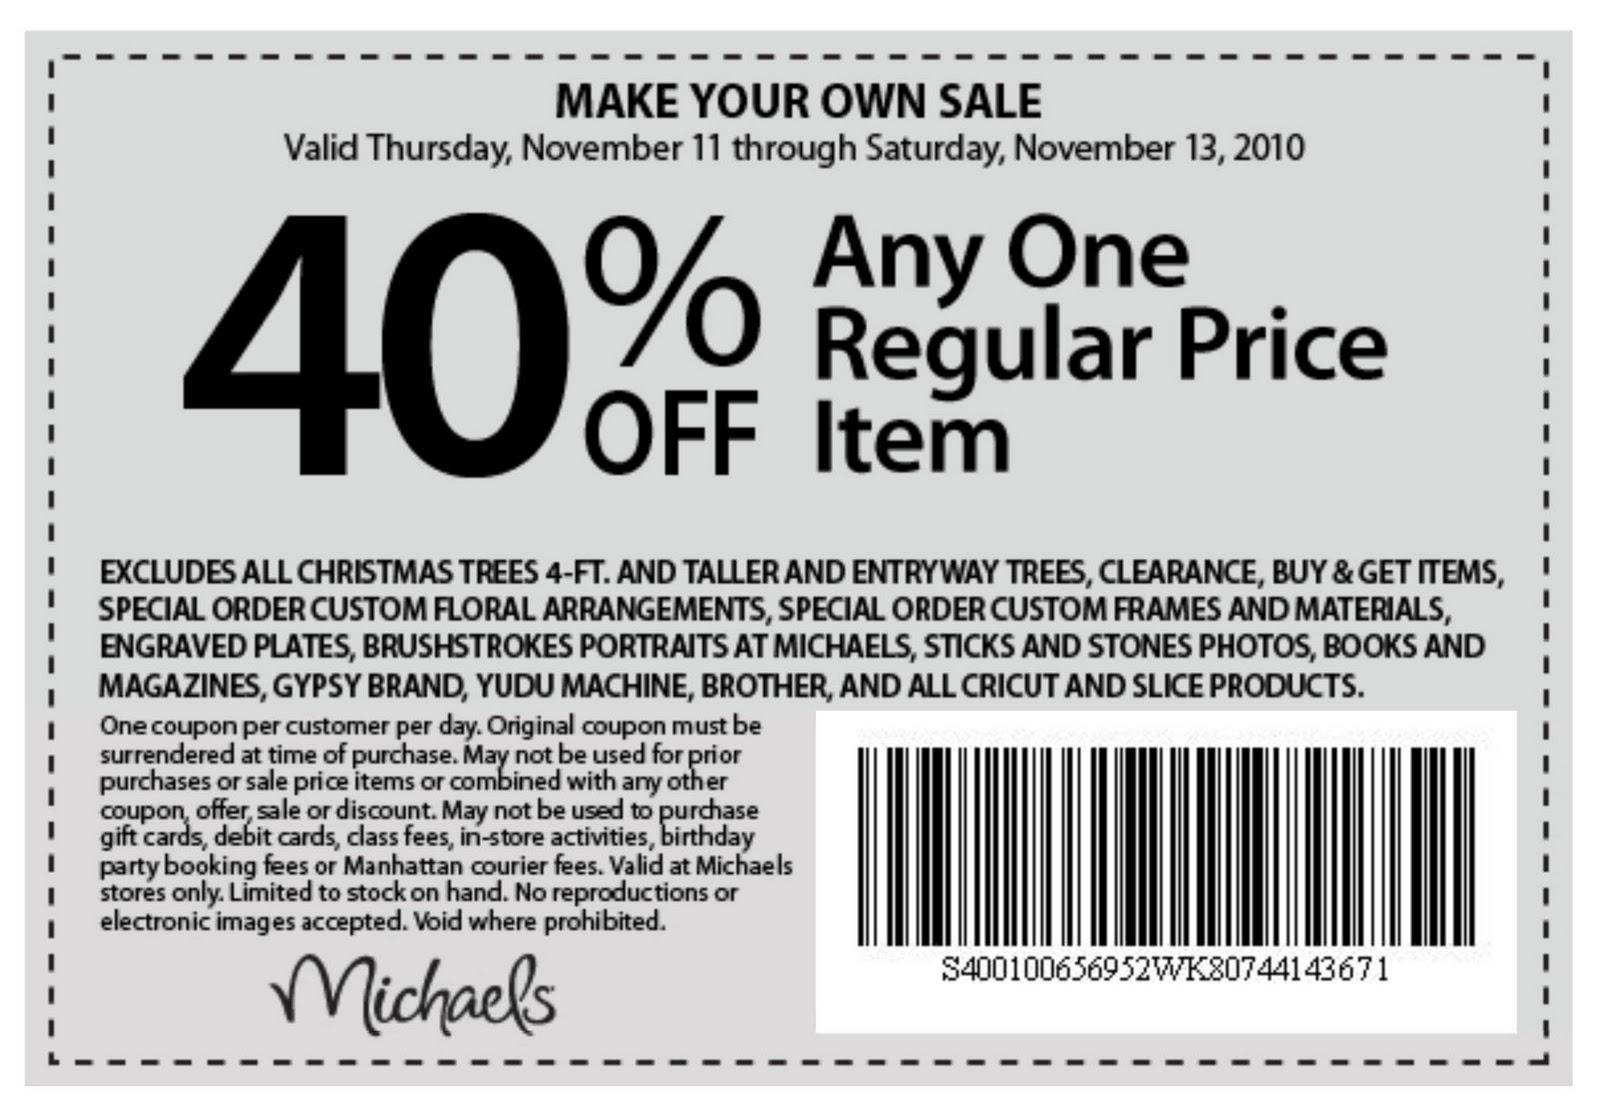 Hertz discount coupon